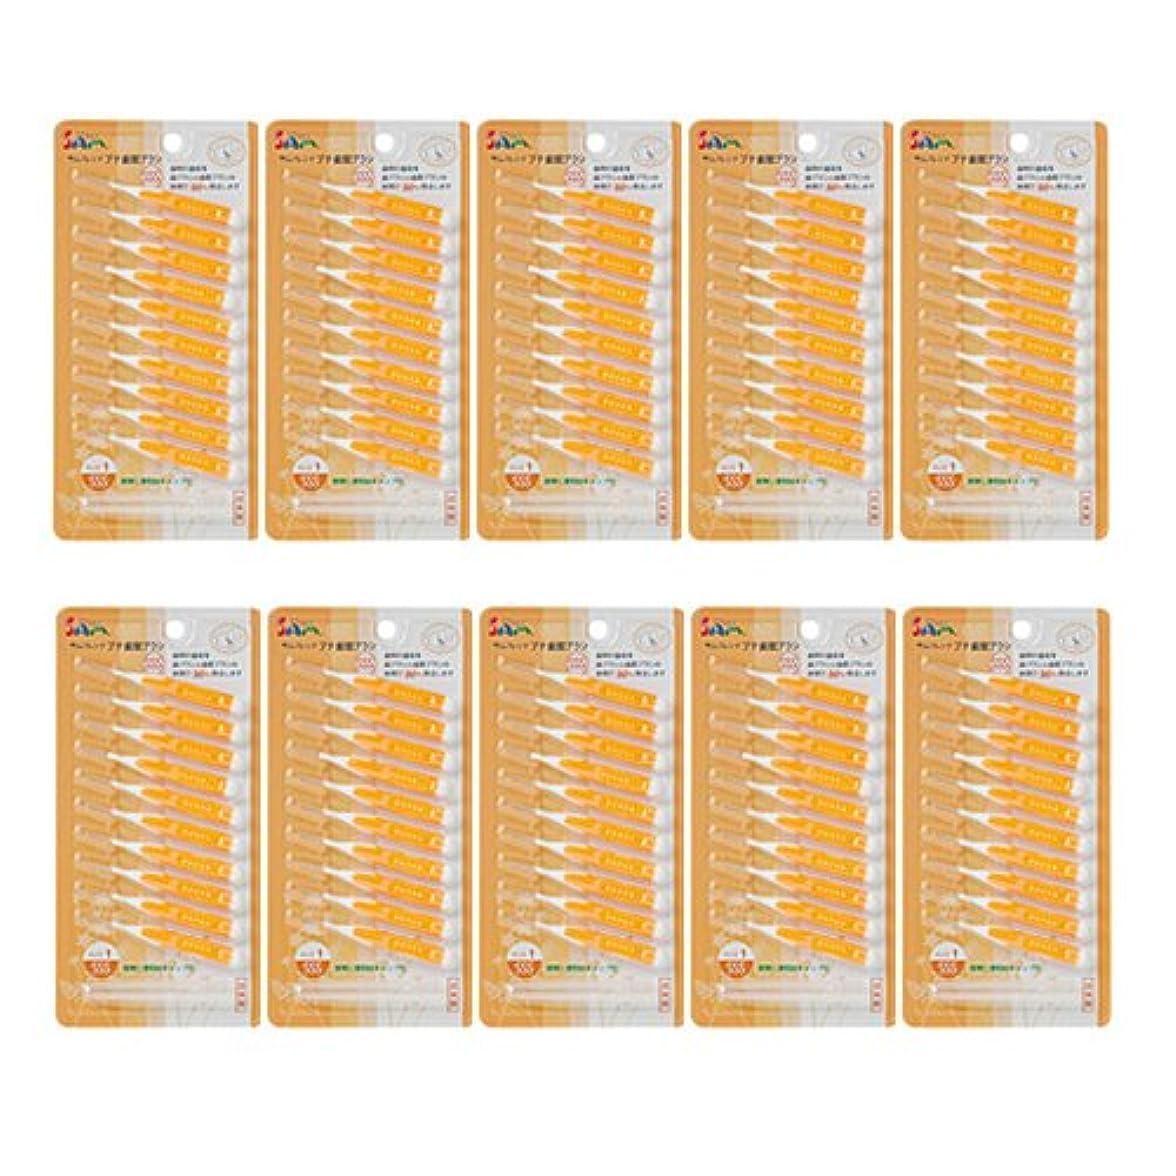 創傷コントロール昼寝サムフレンド プチ歯間 ブラシ 10本入 × 10パック (I型) SSSオレンジ